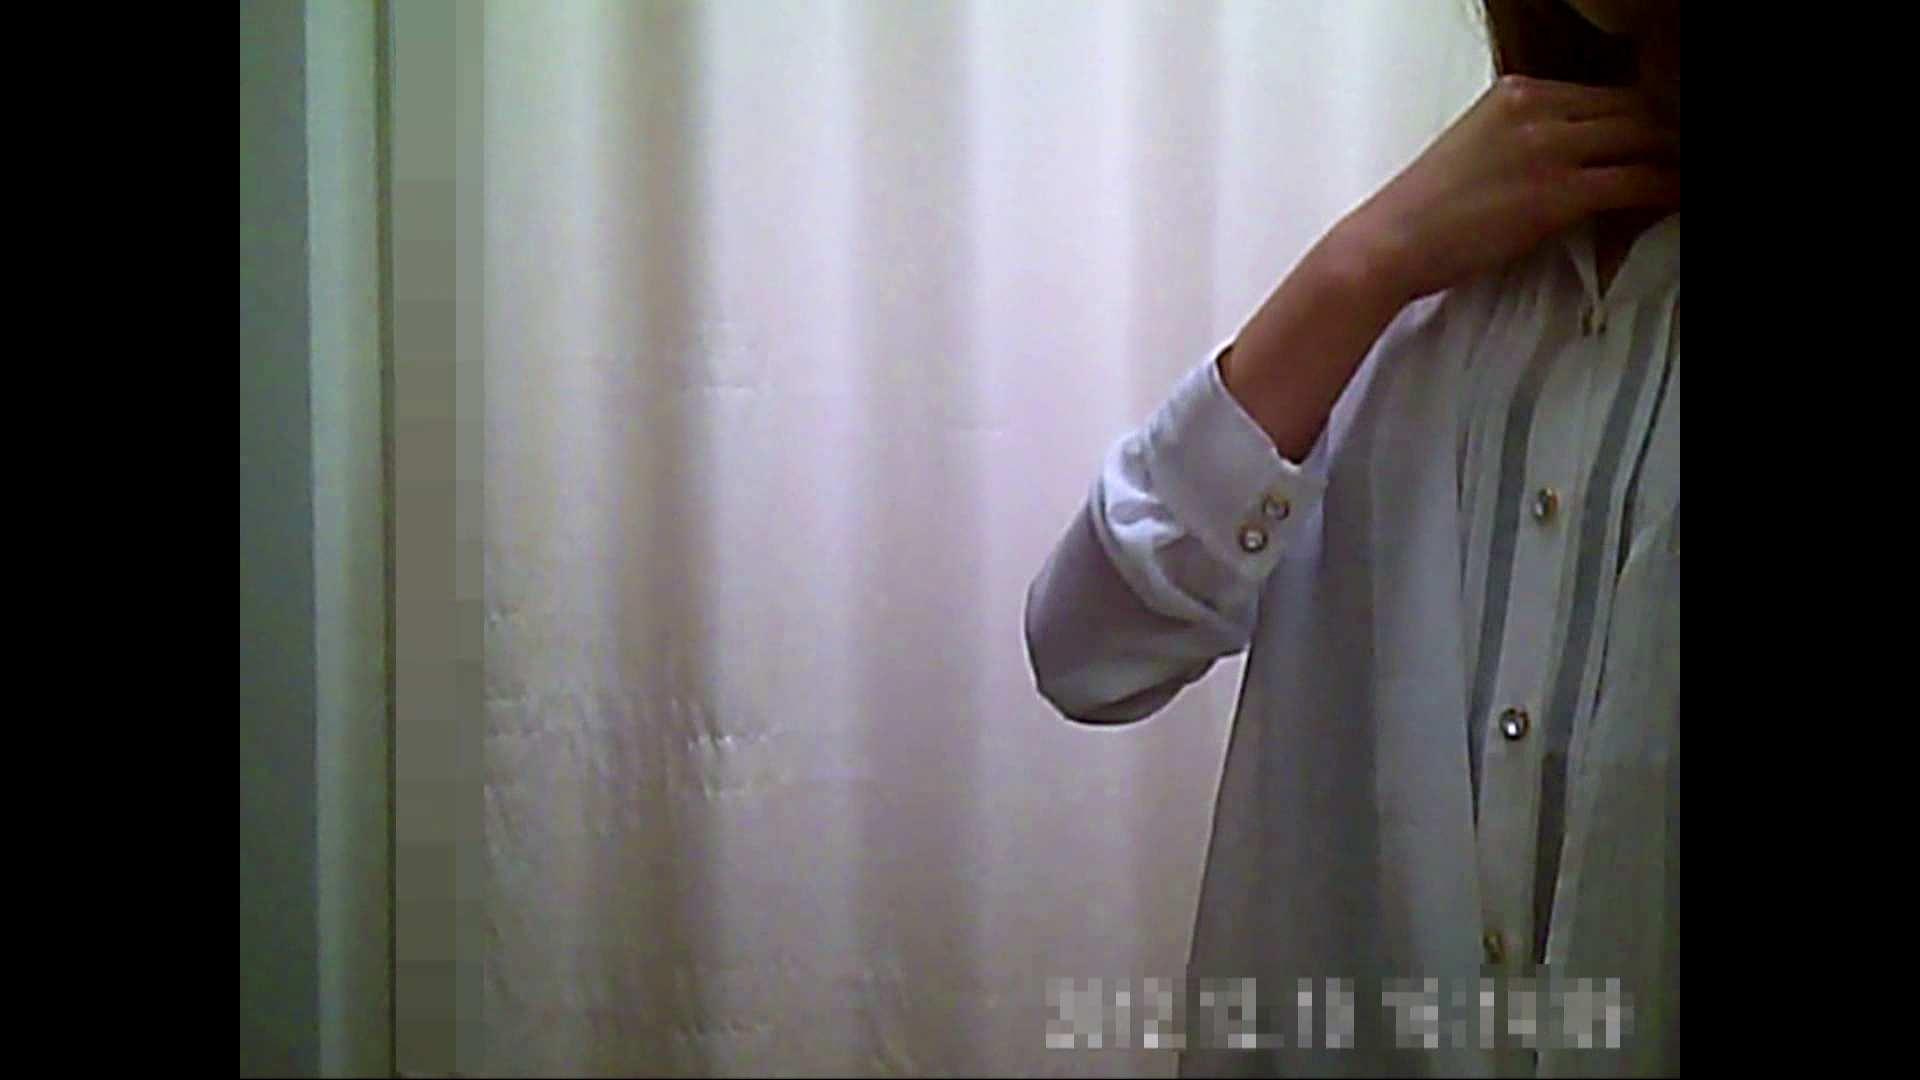 元医者による反抗 更衣室地獄絵巻 vol.124 OL | 0  55連発 46